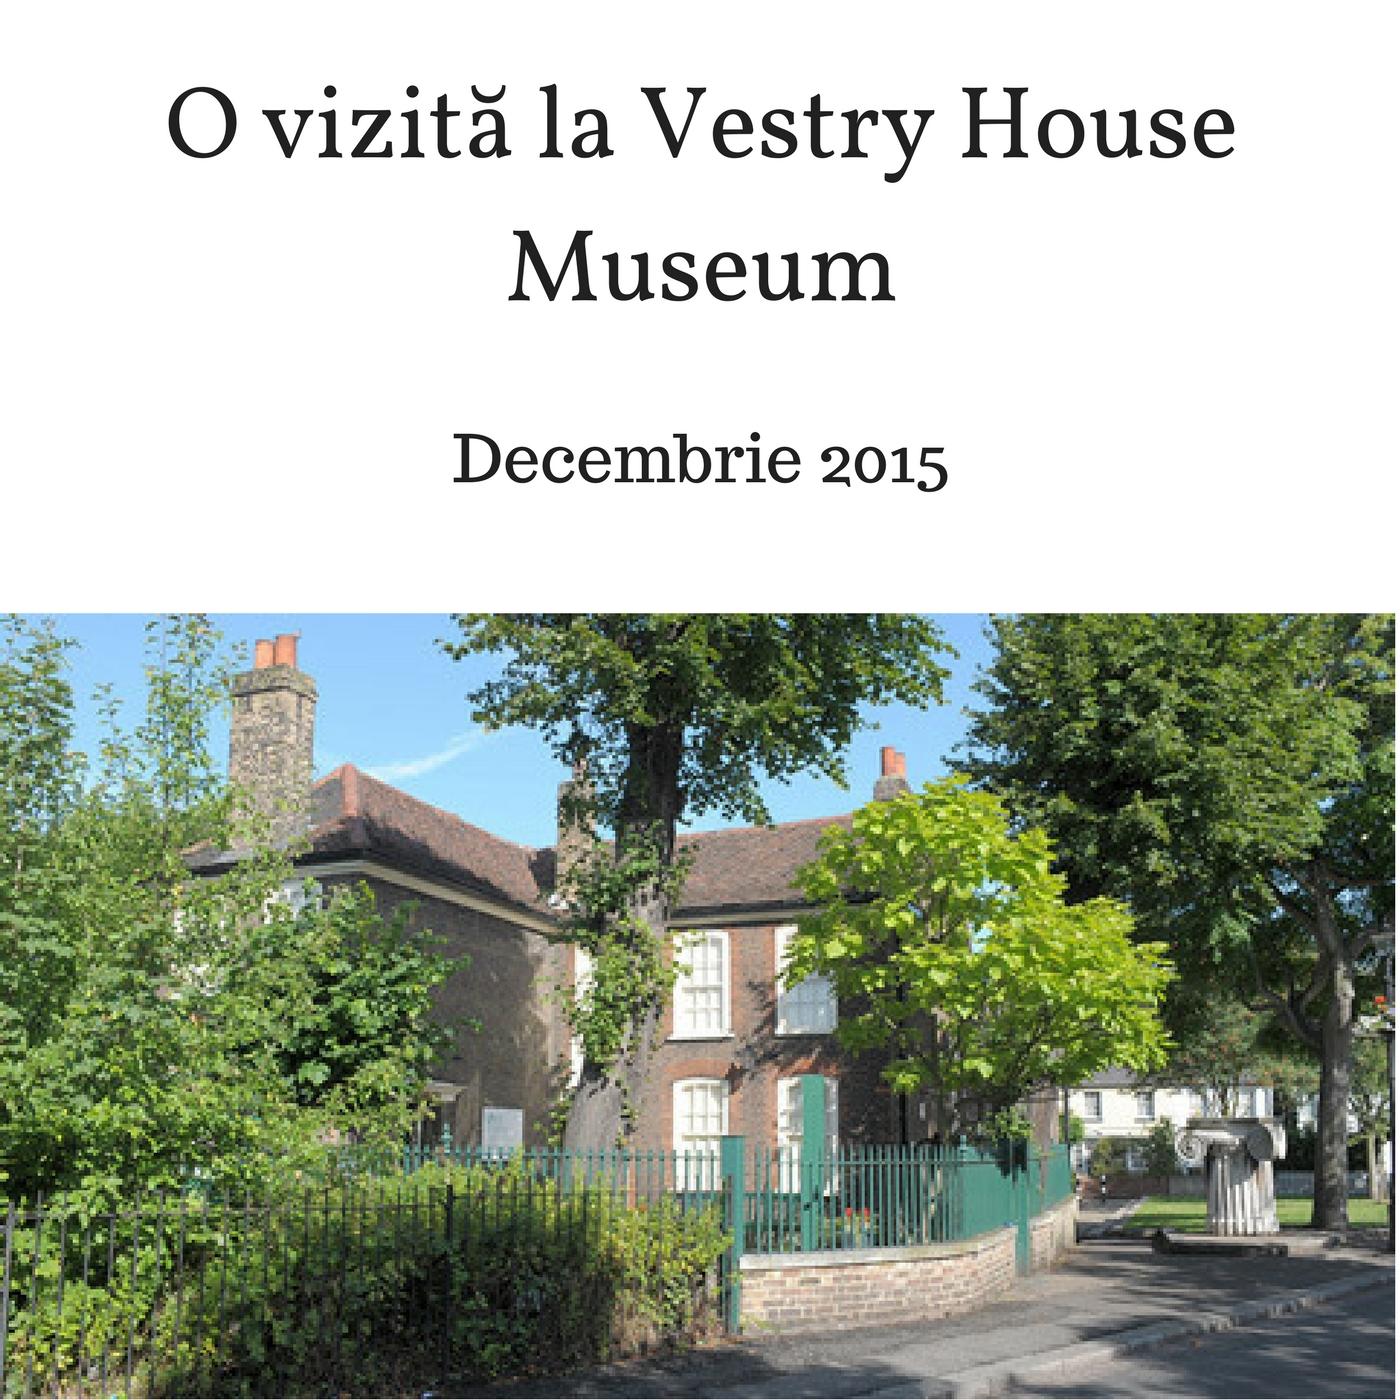 VizitaVestryHMuseum